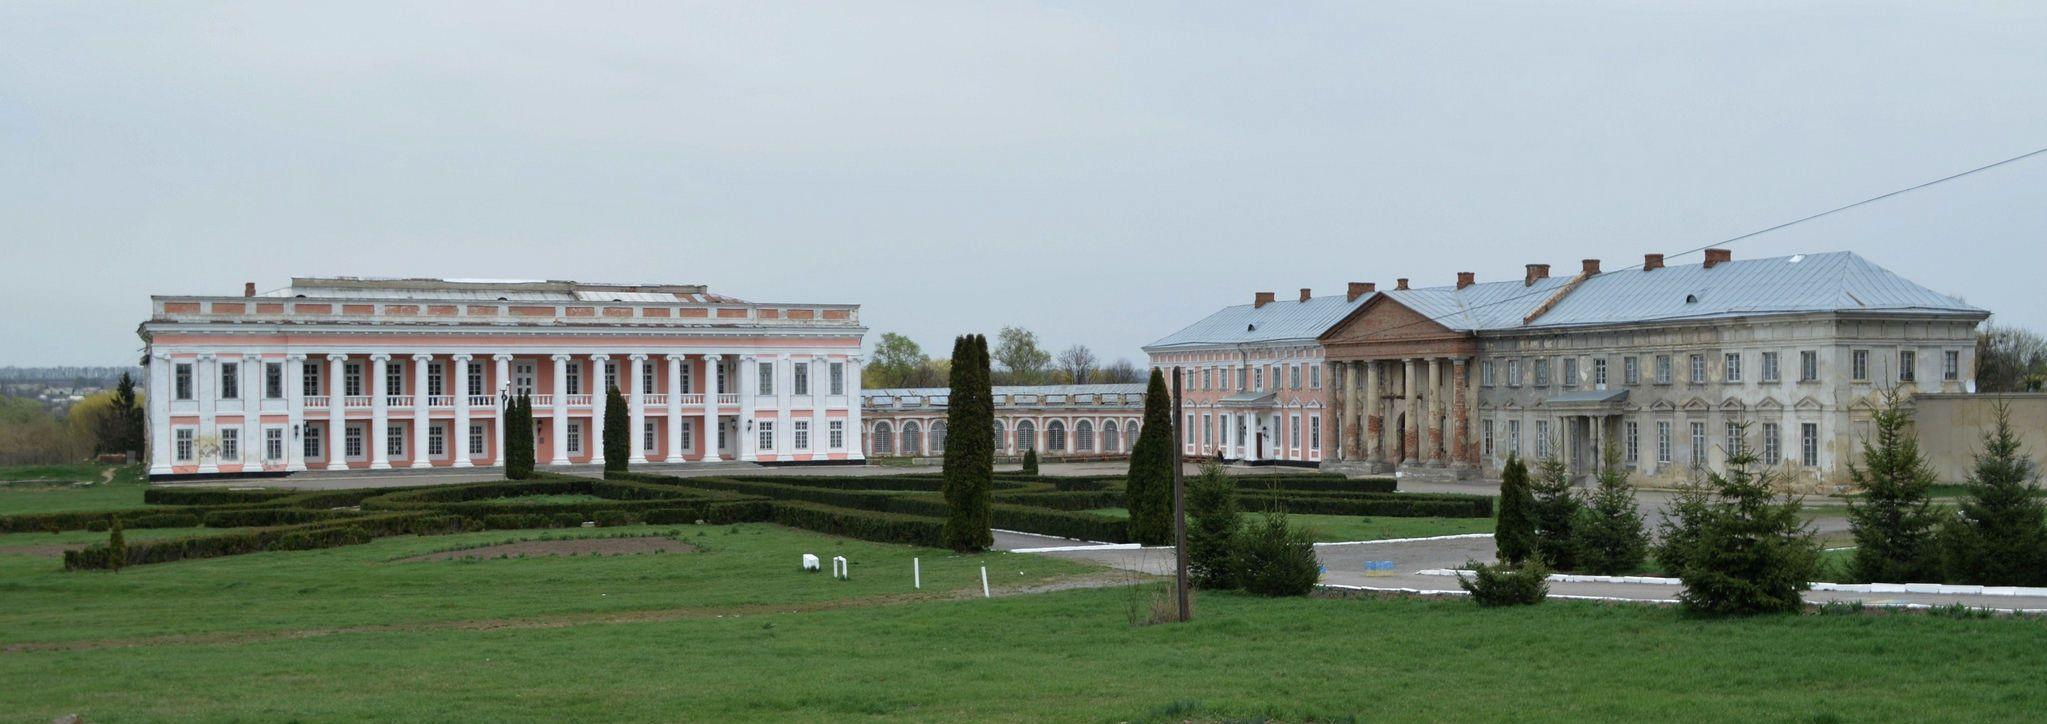 Палац Потоцьких, місто Тульчин